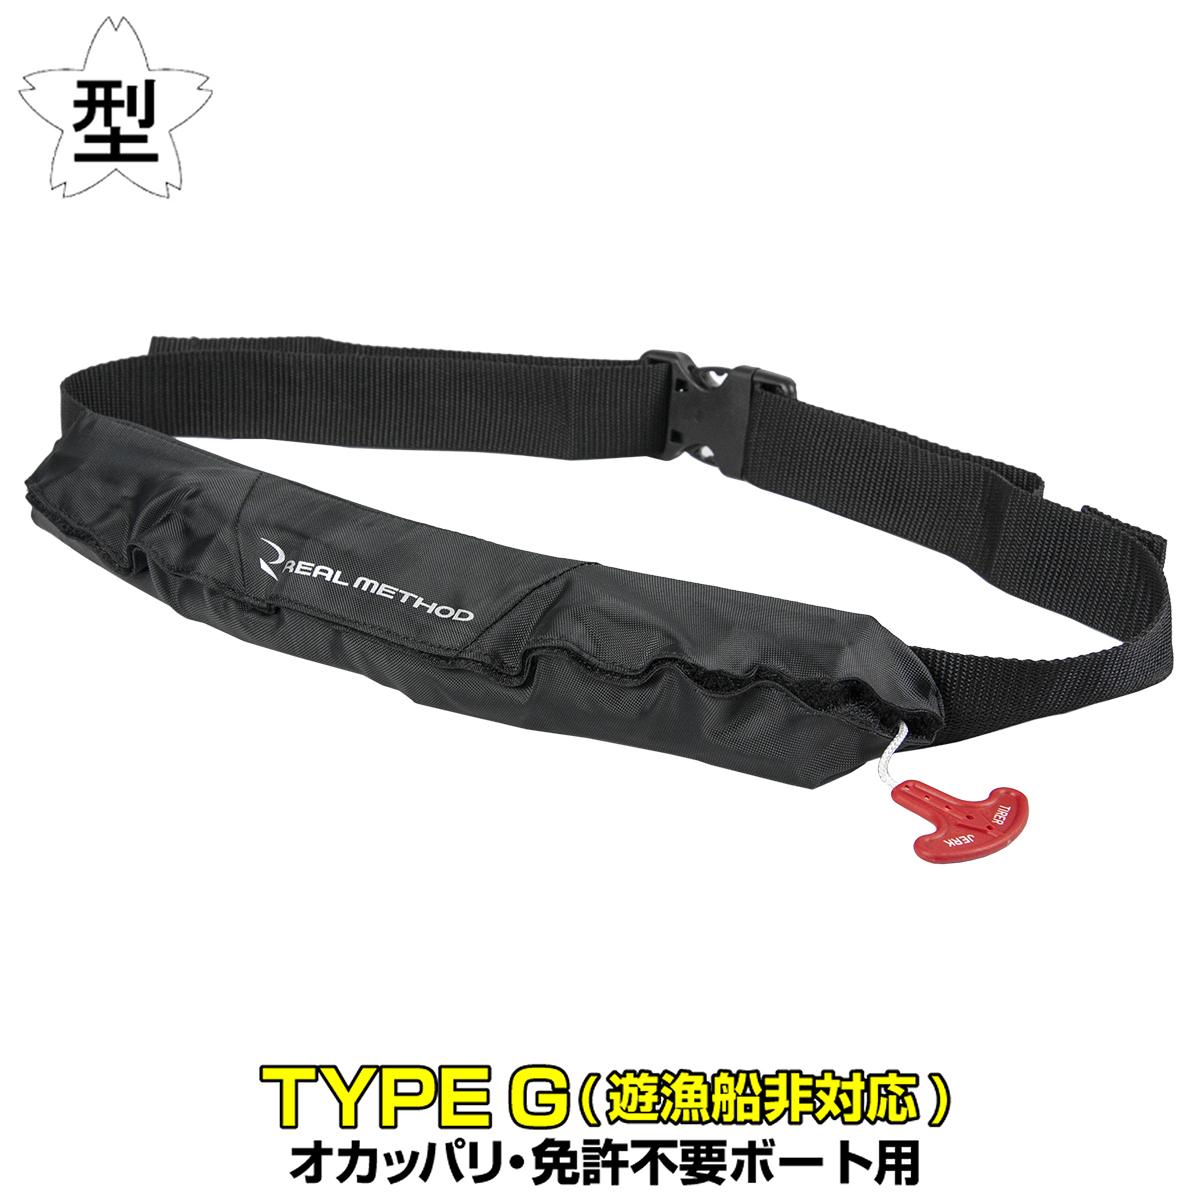 タカミヤ REALMETHOD 軽量自動膨張式ライフジャケット ウエストベルトタイプ RM-9220 ブラック ※遊漁船非対応(東日本店)